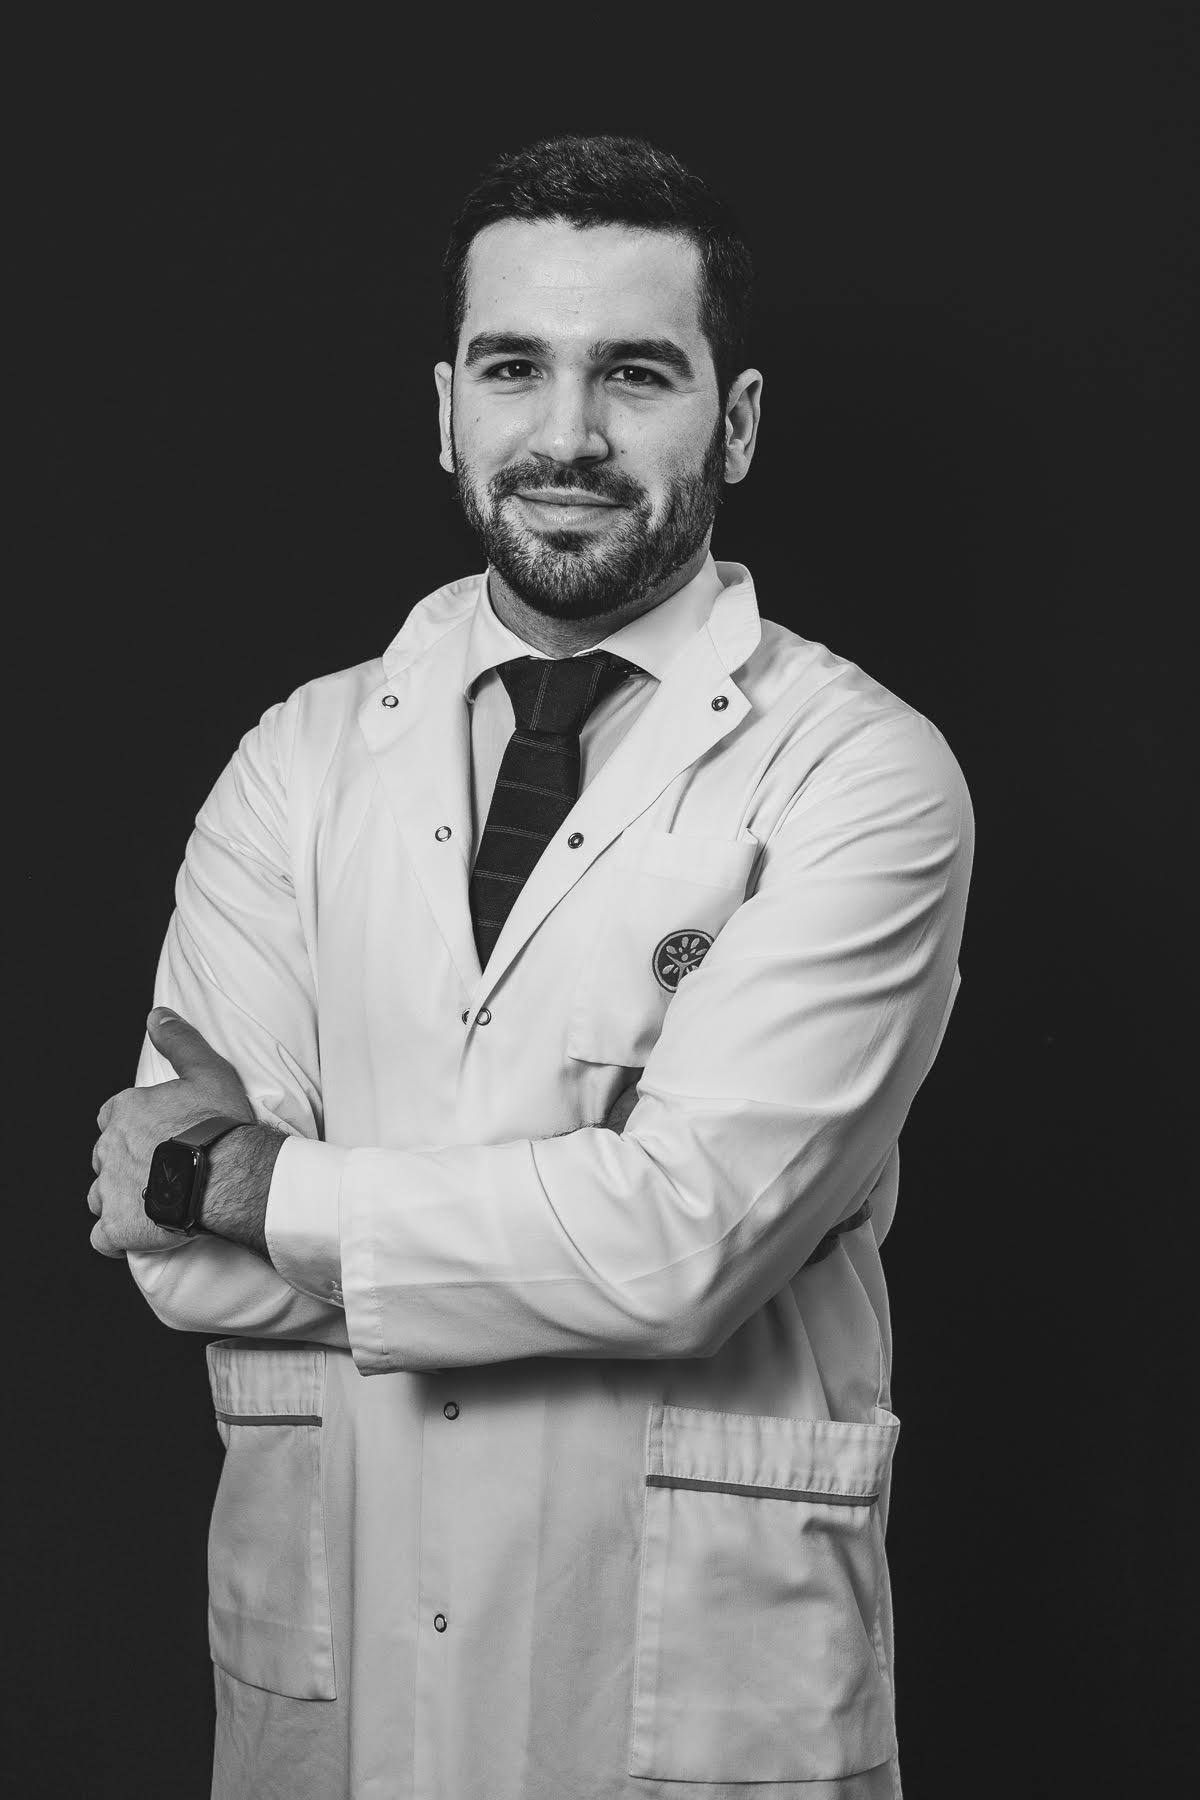 Dr. André Santos de Barros